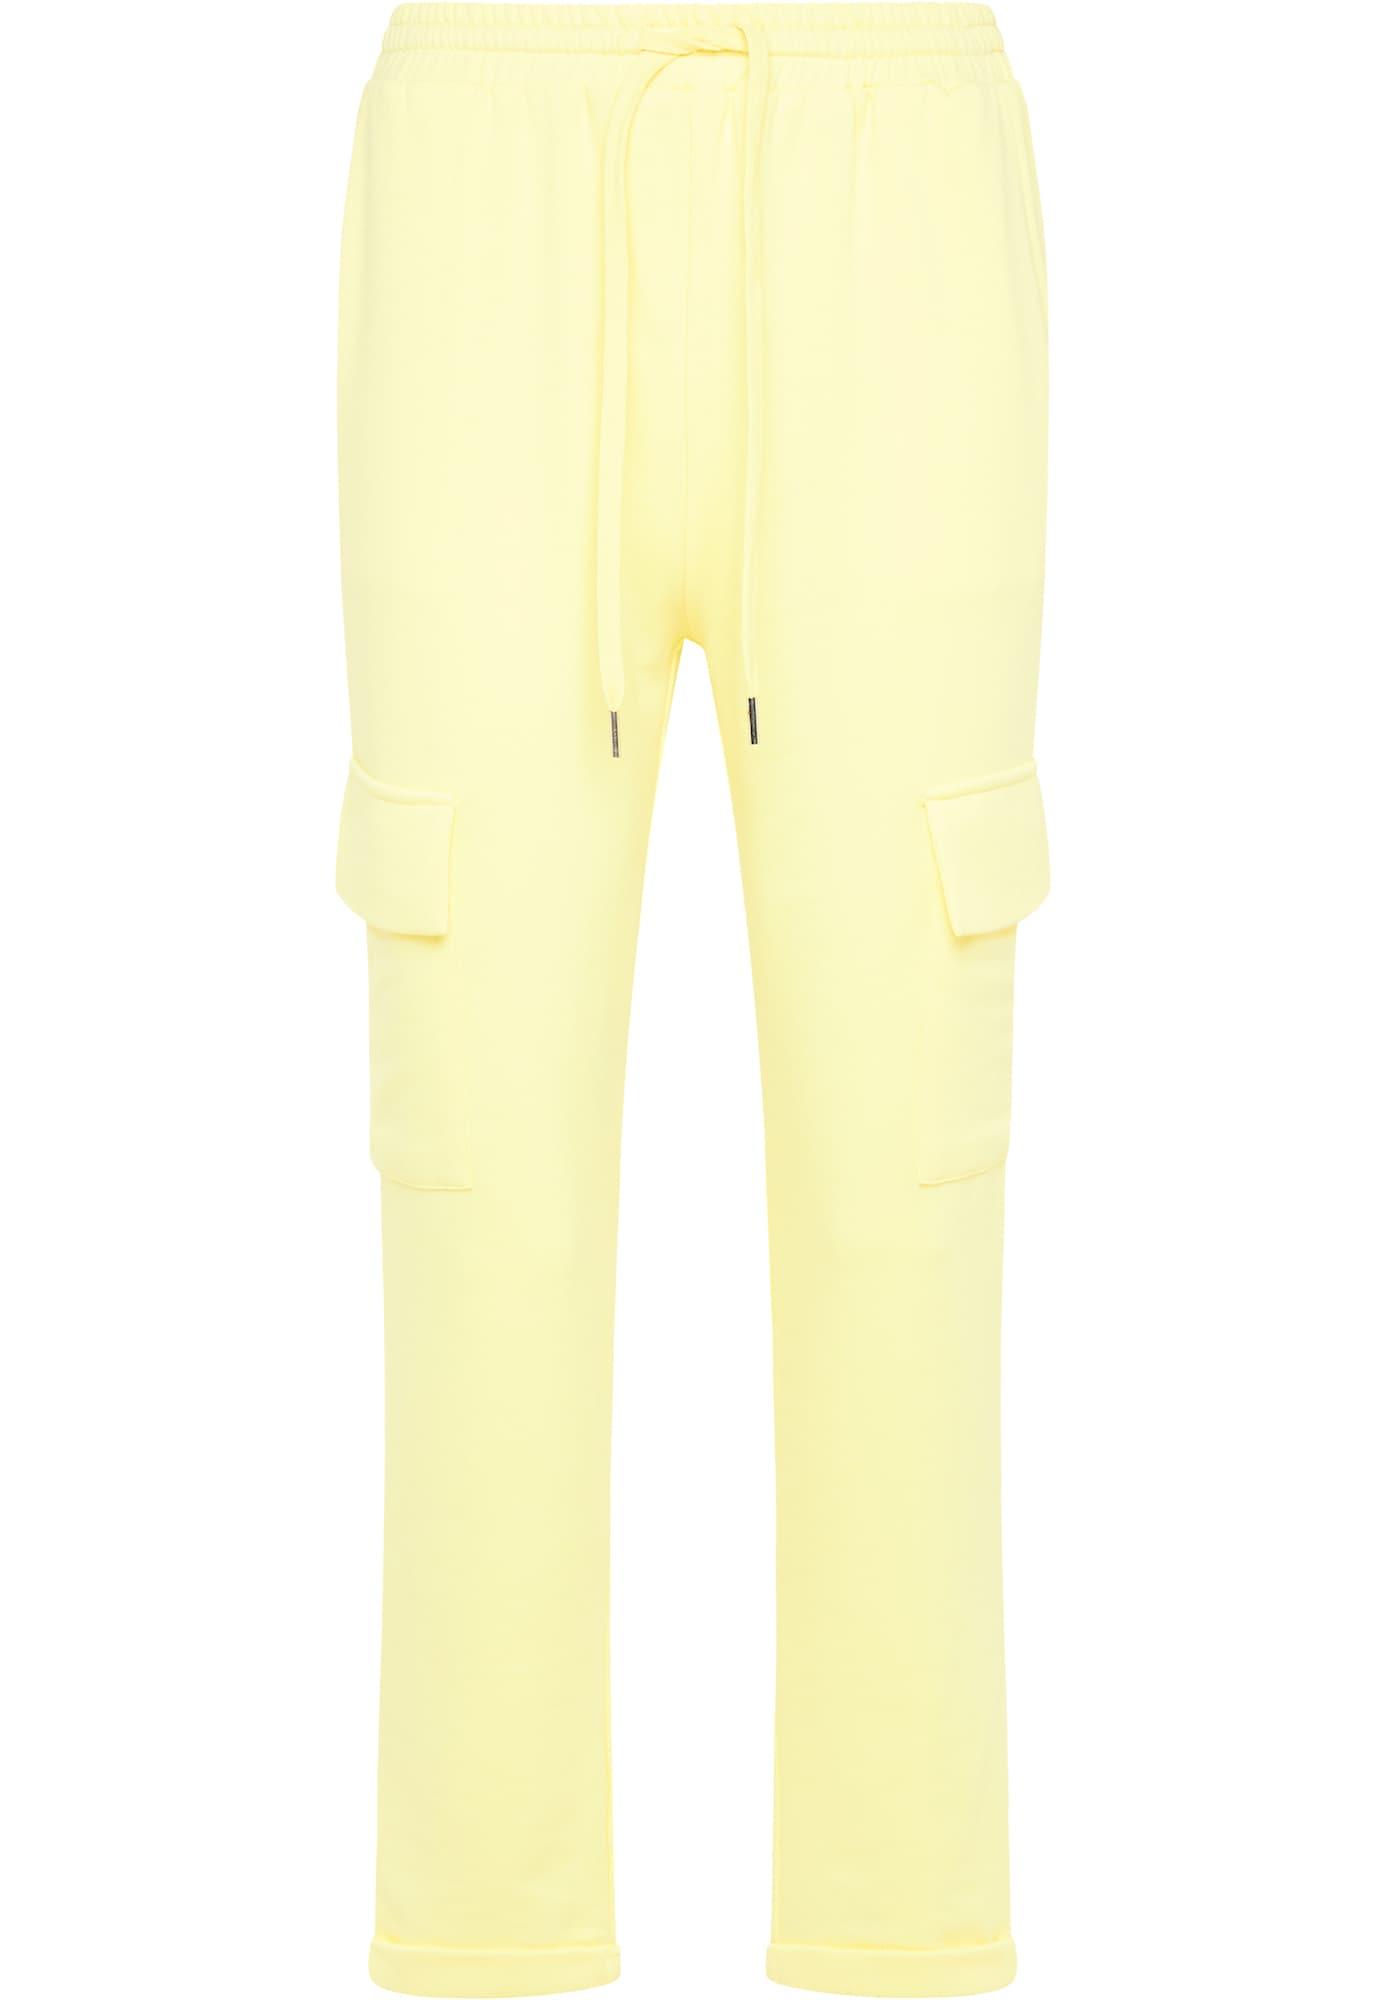 usha BLUE LABEL Laisvo stiliaus kelnės šviesiai geltona